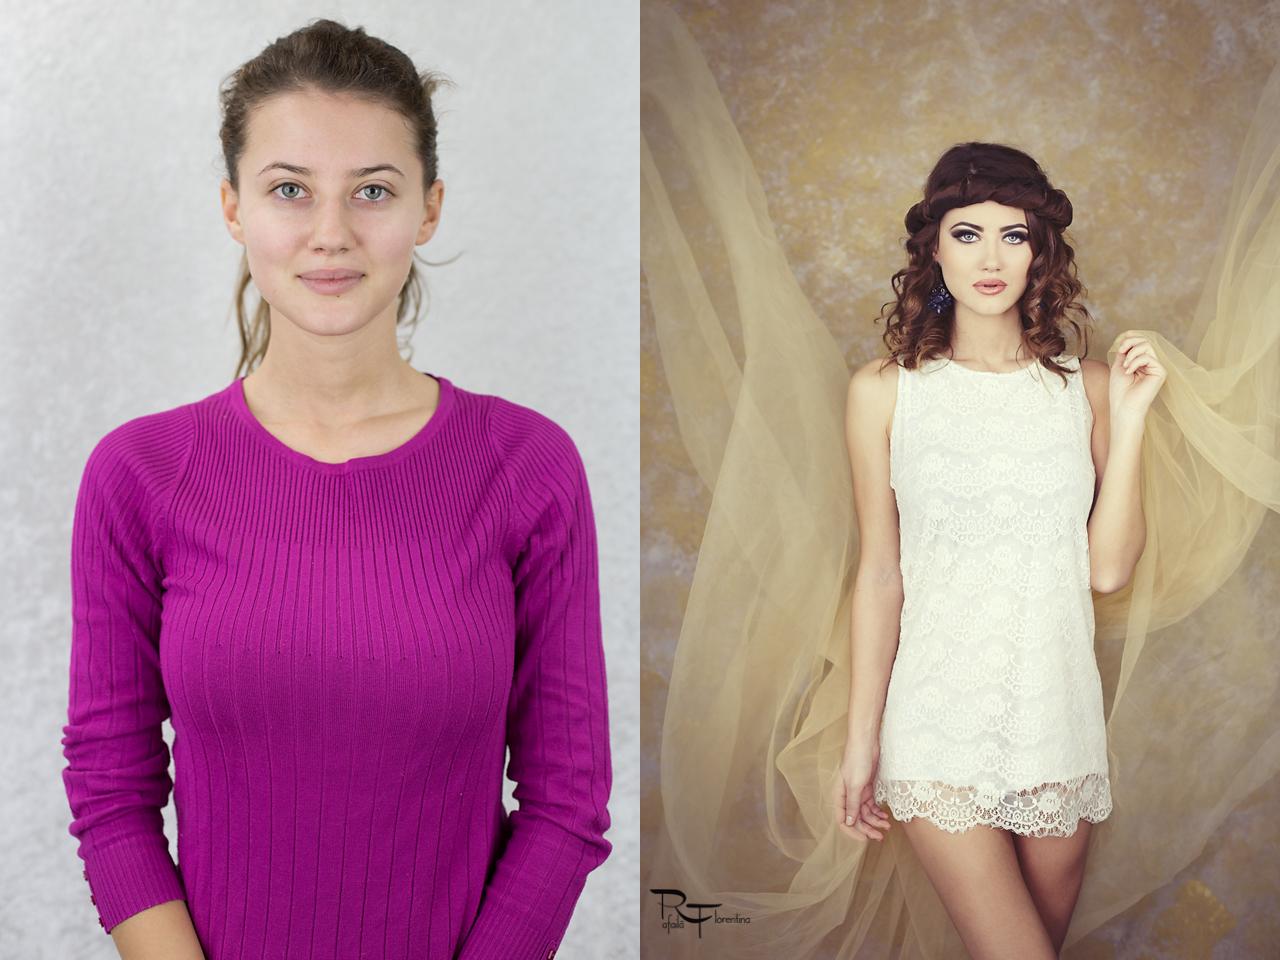 sedinta-foto-de-portret-fotograf-bucuresti